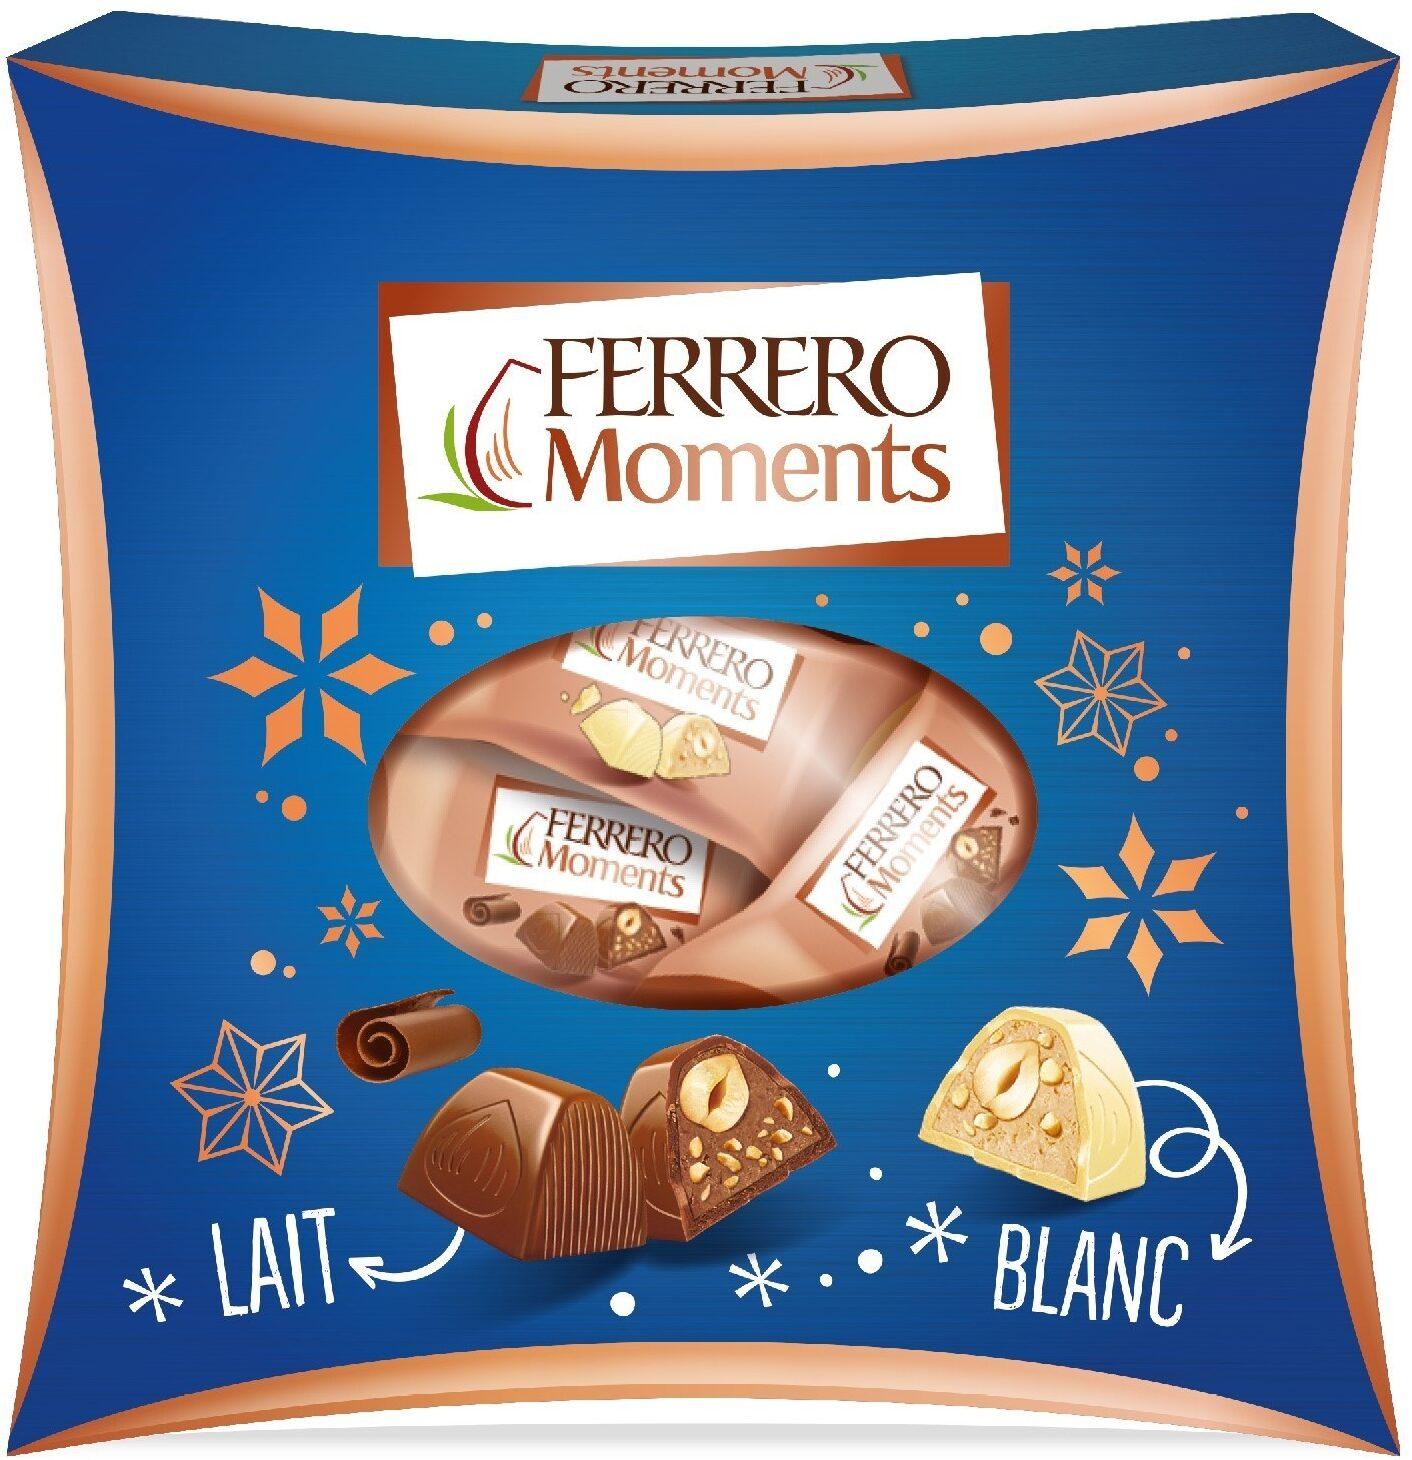 Ferrero moments bonbons de chocolat avec noisette entiere lait/blanc/noir boite de 21 pieces - Prodotto - fr